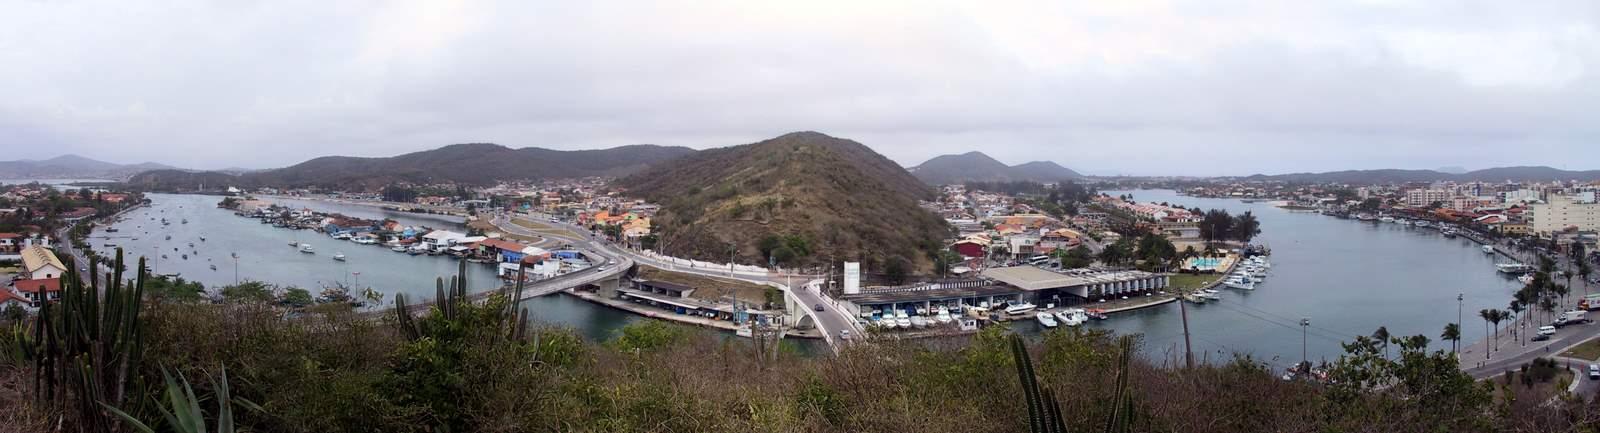 CaboFrio